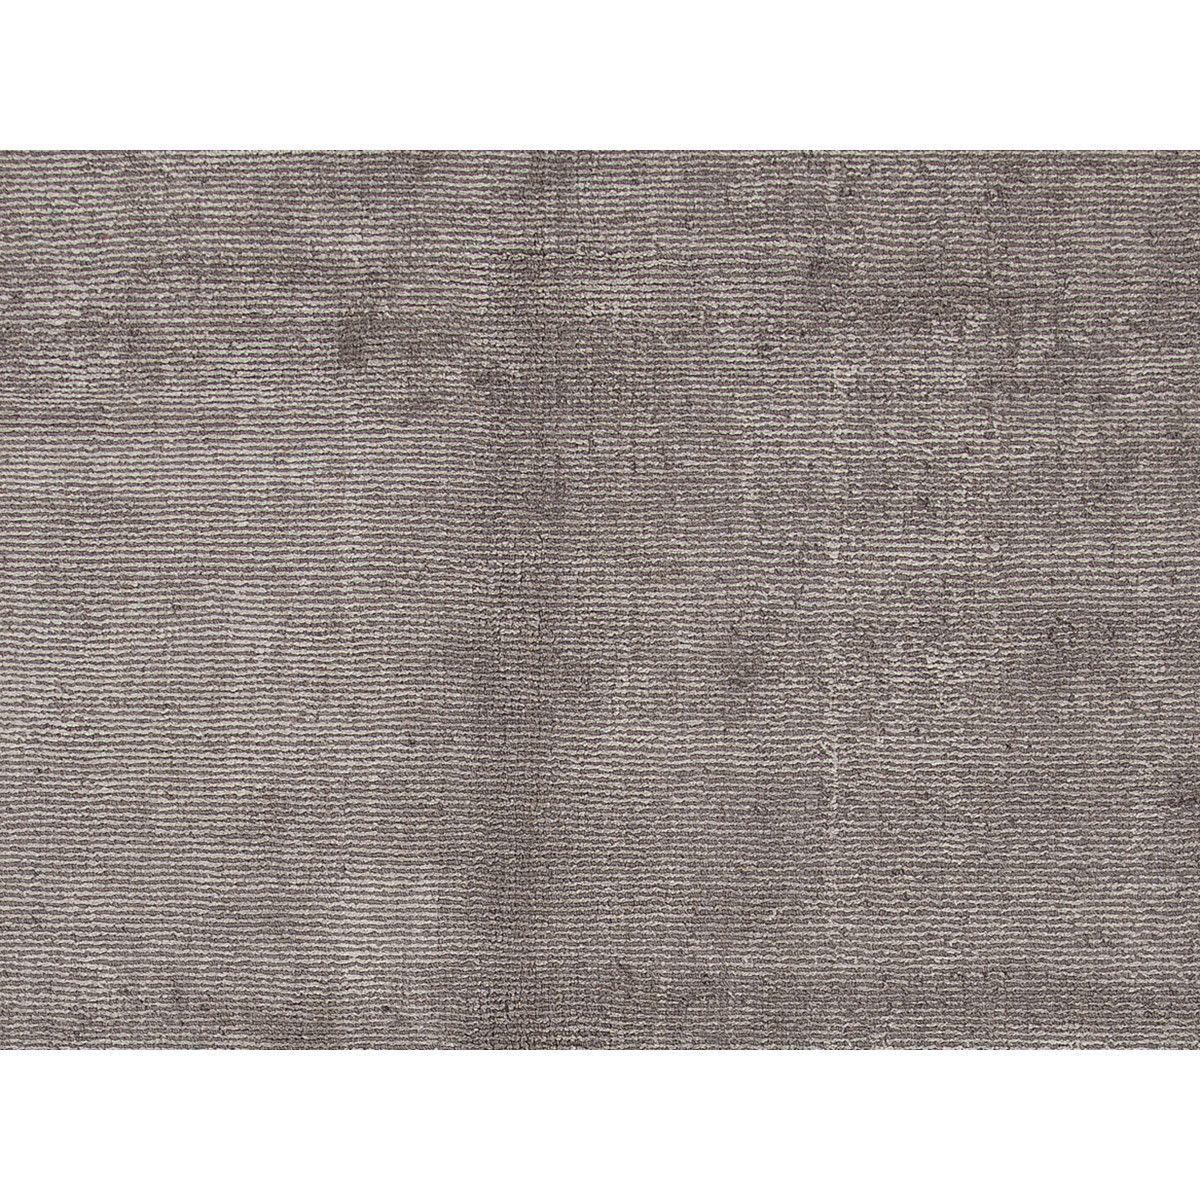 Jaipur Konstrukt Kelle Charcoal Slate KT12 Area Rug